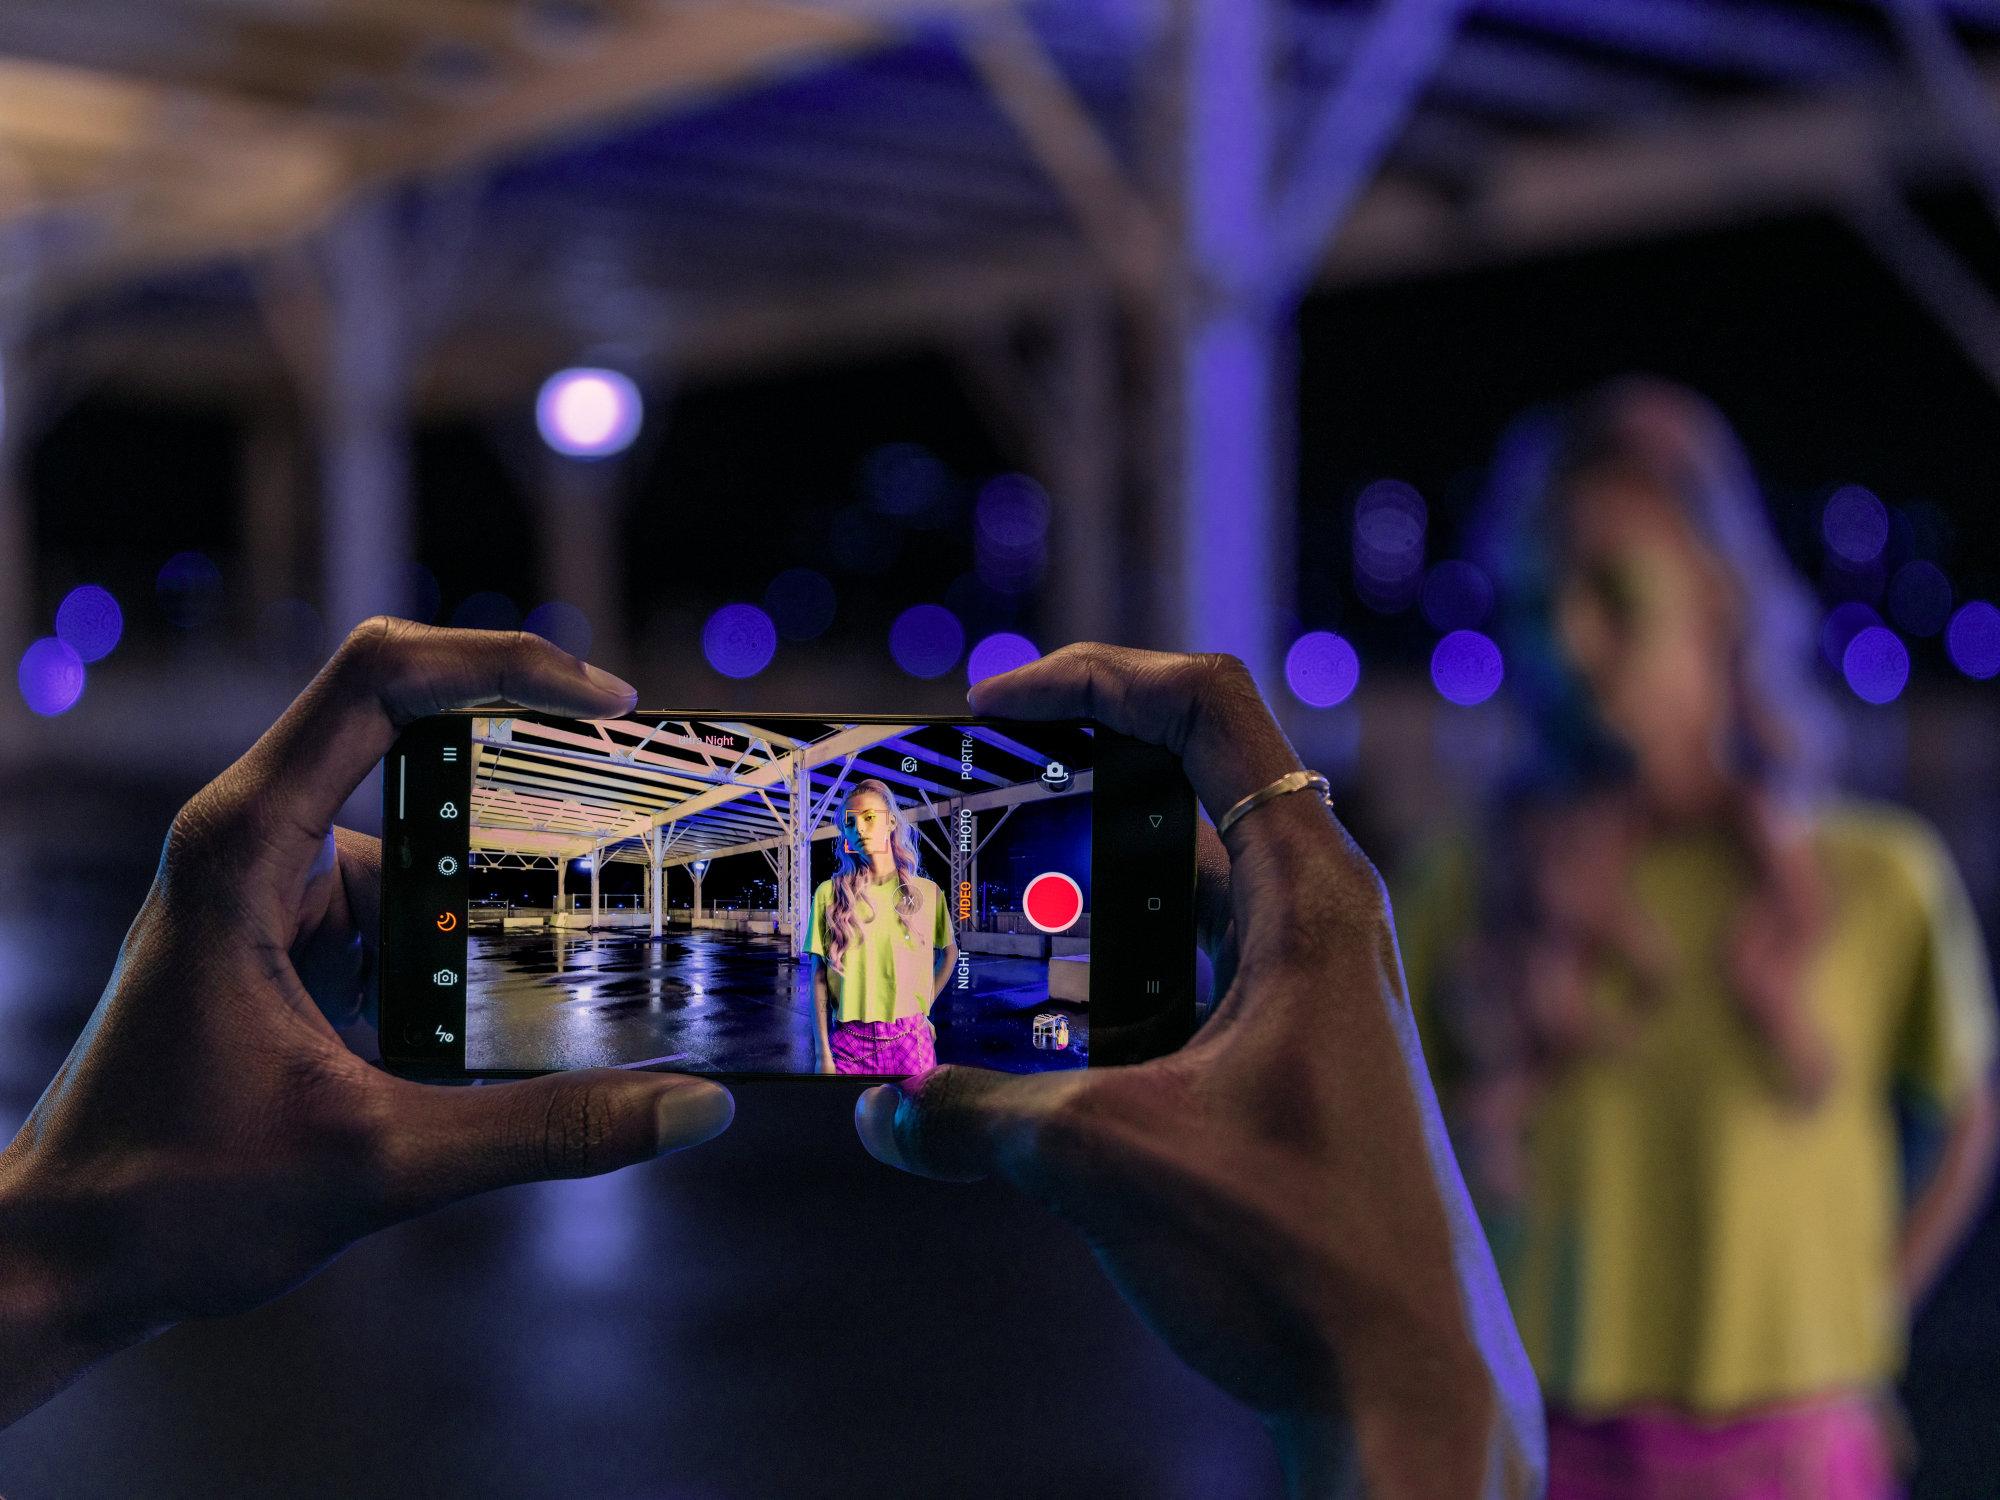 Soldes RED : 200 euros de réduction sur de nombreux smartphones dont l'OPPO Reno4 Pro et le Mi 10 Lite